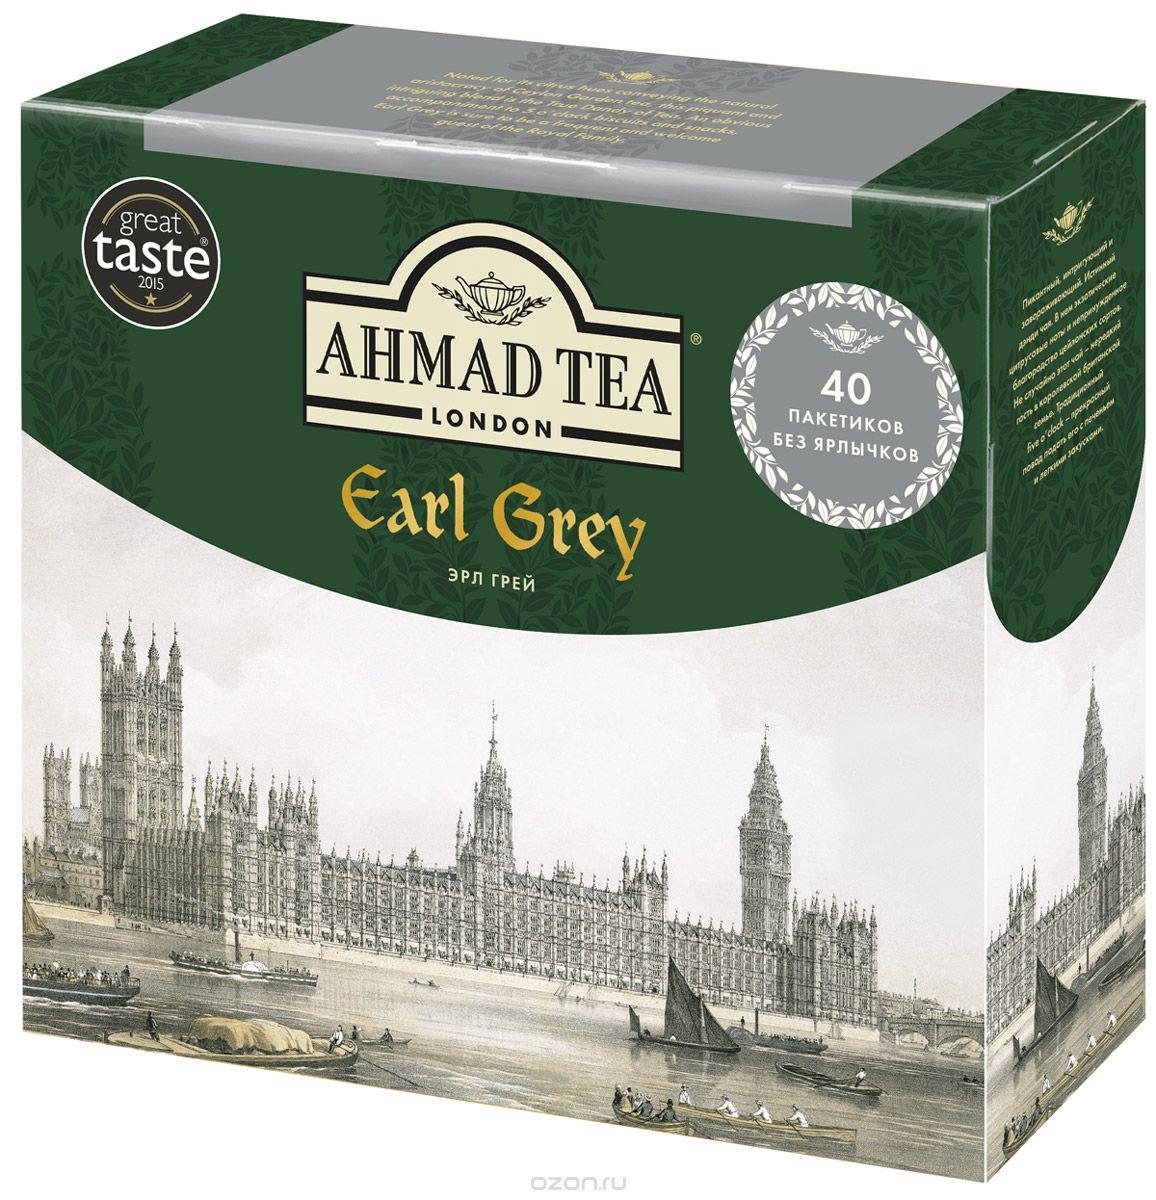 Ahmad Tea Earl Grey черный чай в пакетиках без ярлычков, 40 шт682-3Ahmad Tea Earl Grey - это изысканное сочетание чая высшего качества и волшебного аромата бергамота в совершенном исполнении. Этот ароматный напиток раскроет вам секрет семейного благополучия.Уважаемые клиенты! Обращаем ваше внимание на то, что упаковка может иметь несколько видов дизайна. Поставка осуществляется в зависимости от наличия на складе.